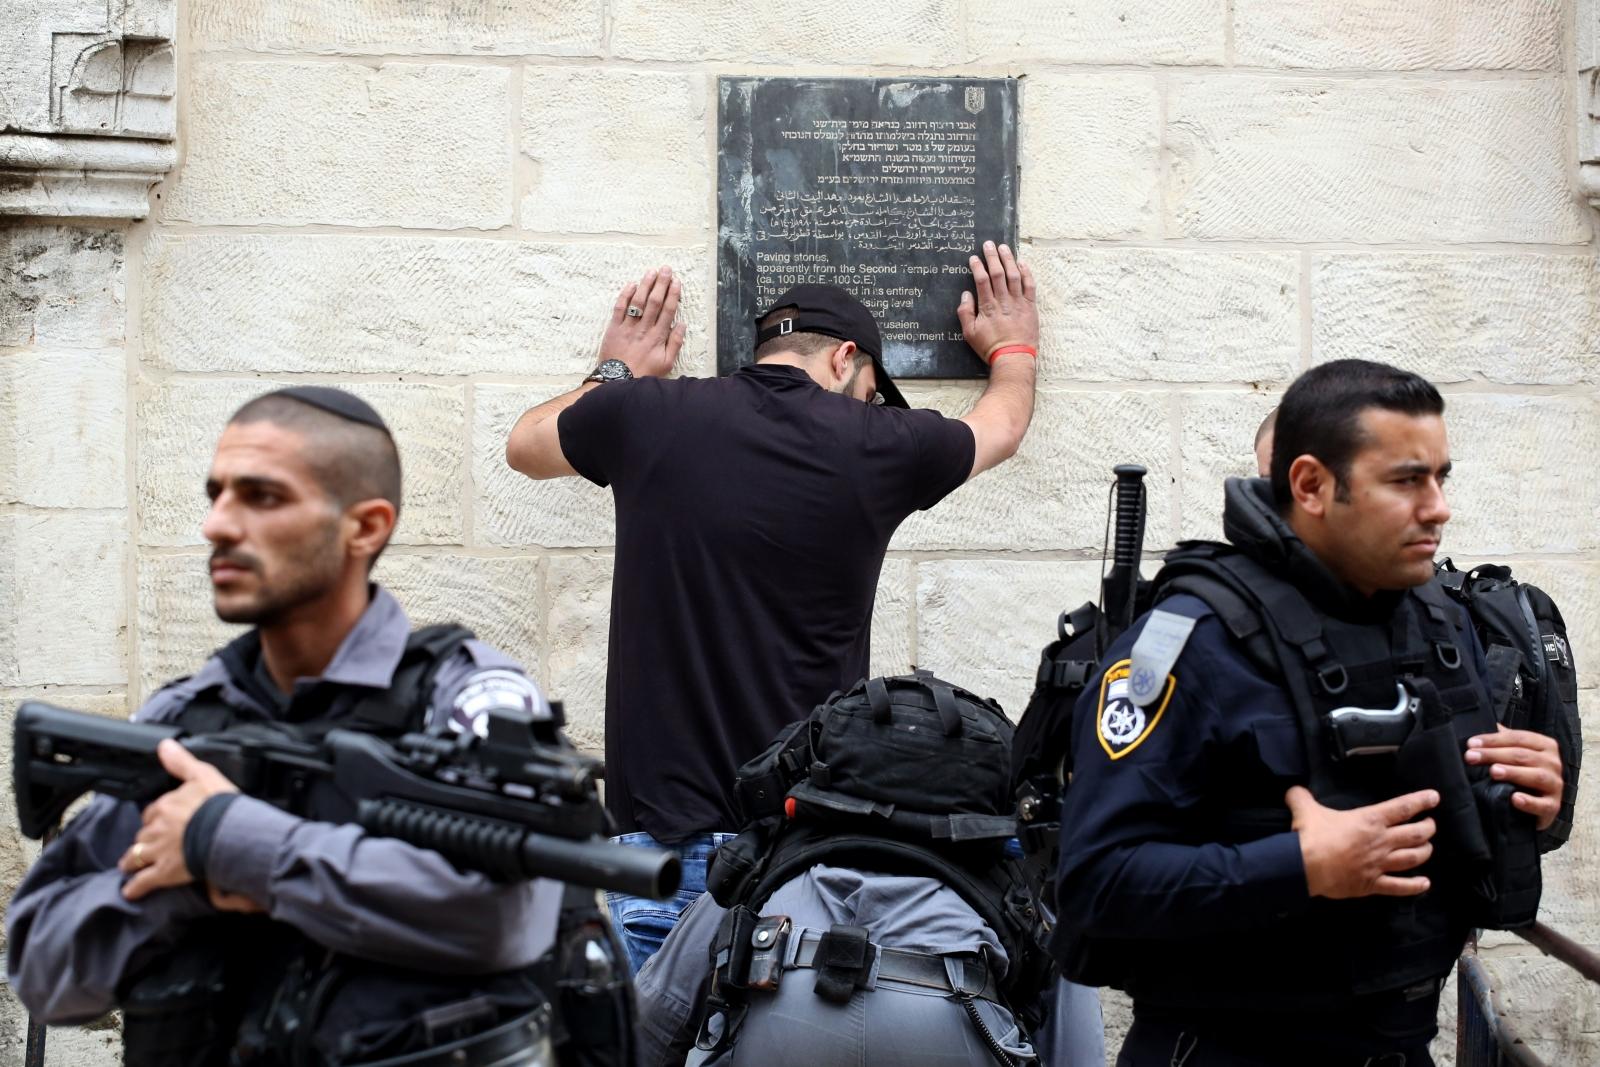 Israel Palestine confflict